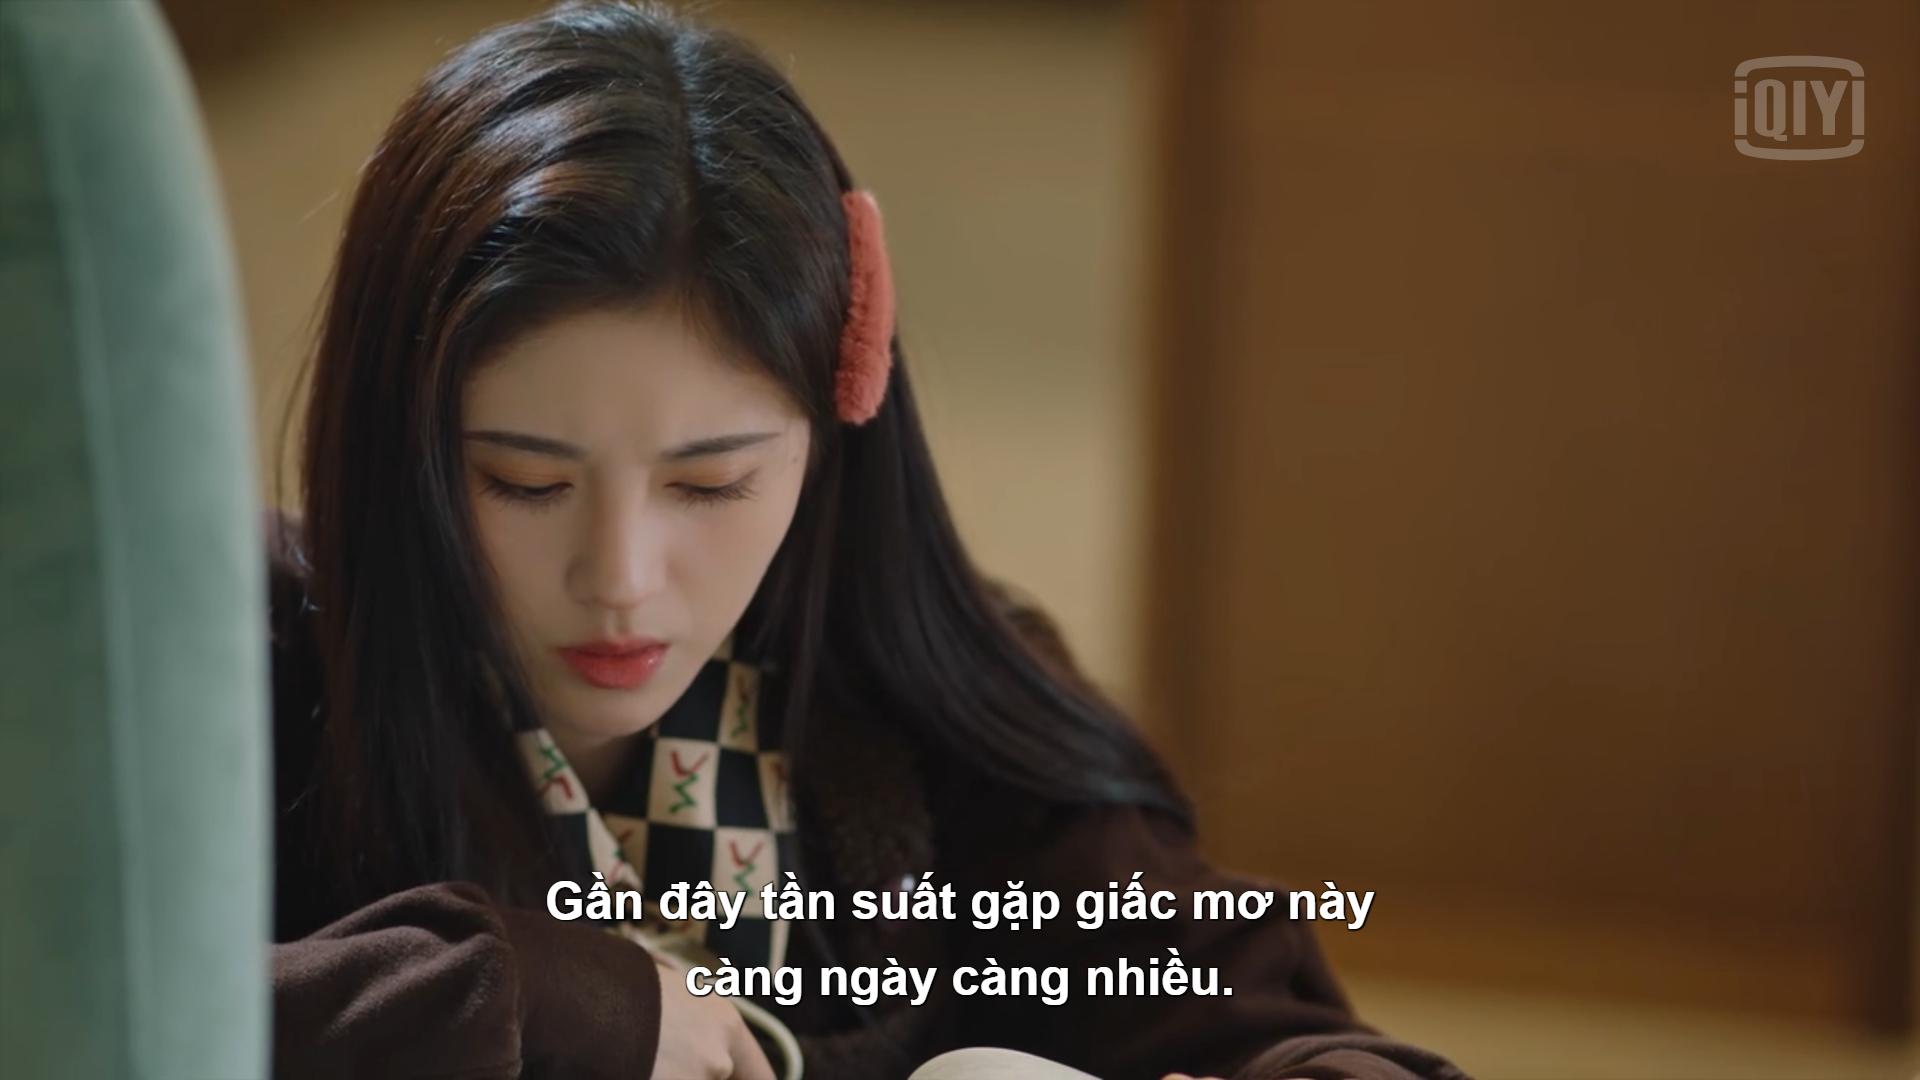 """Như Ý Phương Phi ngoại truyện: Cúc Tịnh Y """"bật mode"""" cưa cẩm, Trương Triết Hạn mắc bệnh khó chữa - Ảnh 3."""